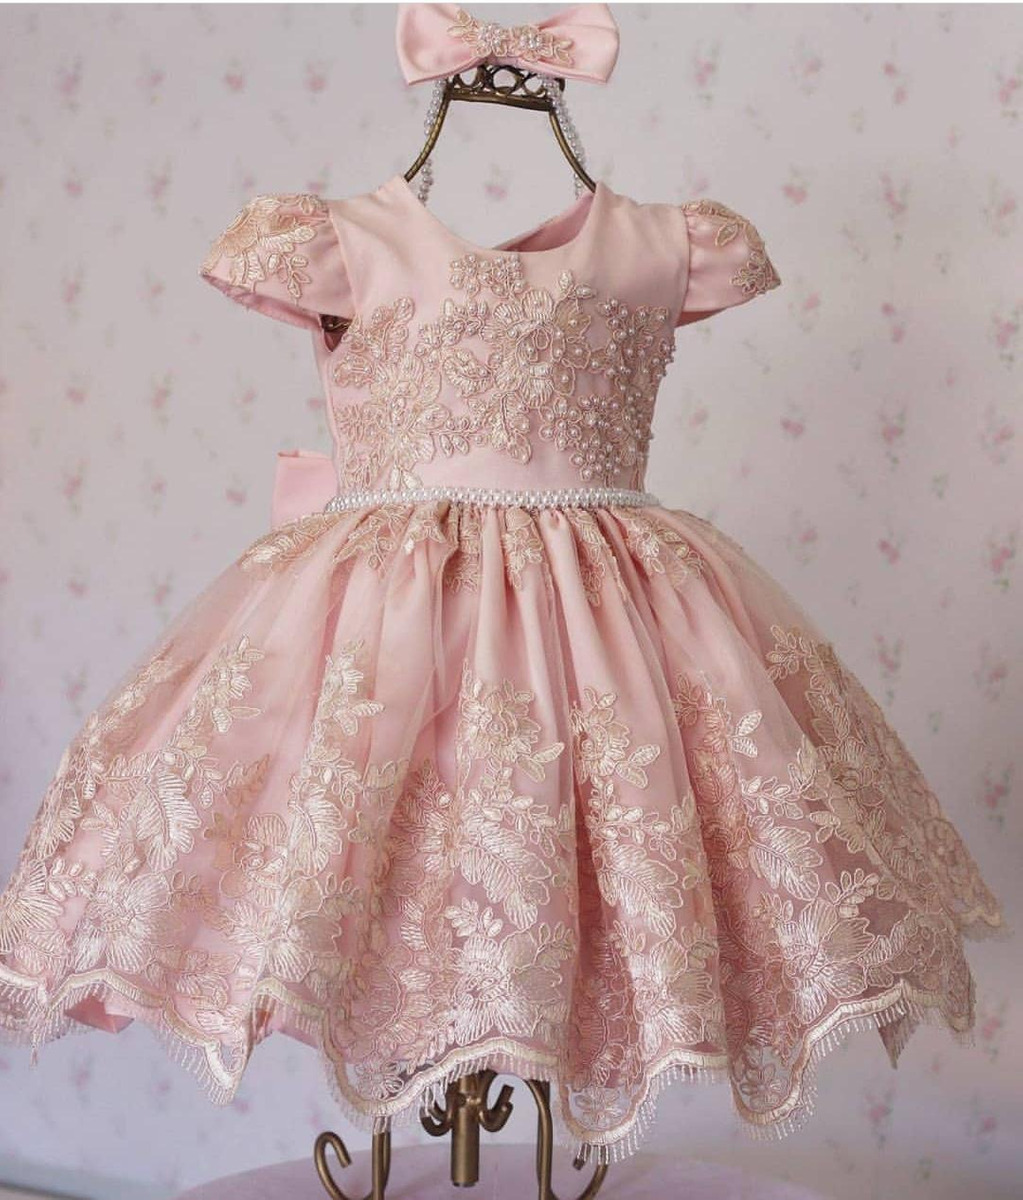 33a61b0045 vestido de festa 1 ano (aniversário ou dama) pronta entrega. Carregando zoom .